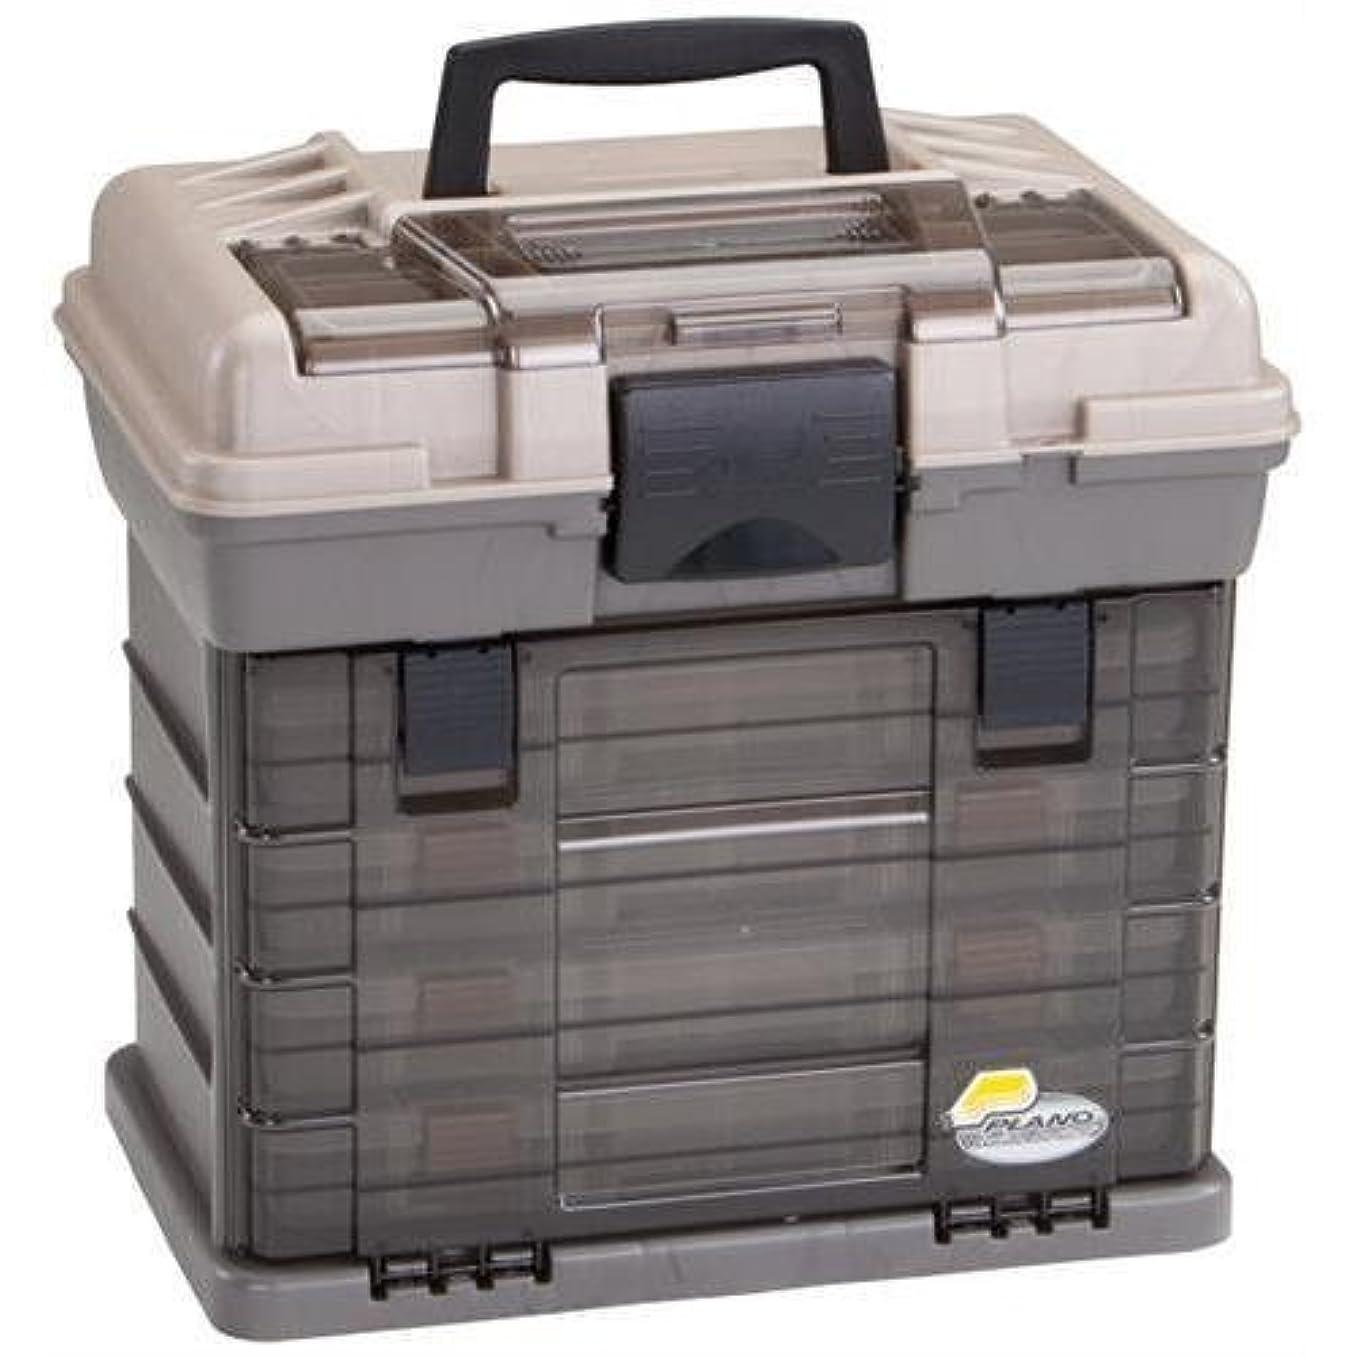 尊敬蓋ゴミ箱Plano成形137401 4つby 3750 StowAwayラックSys